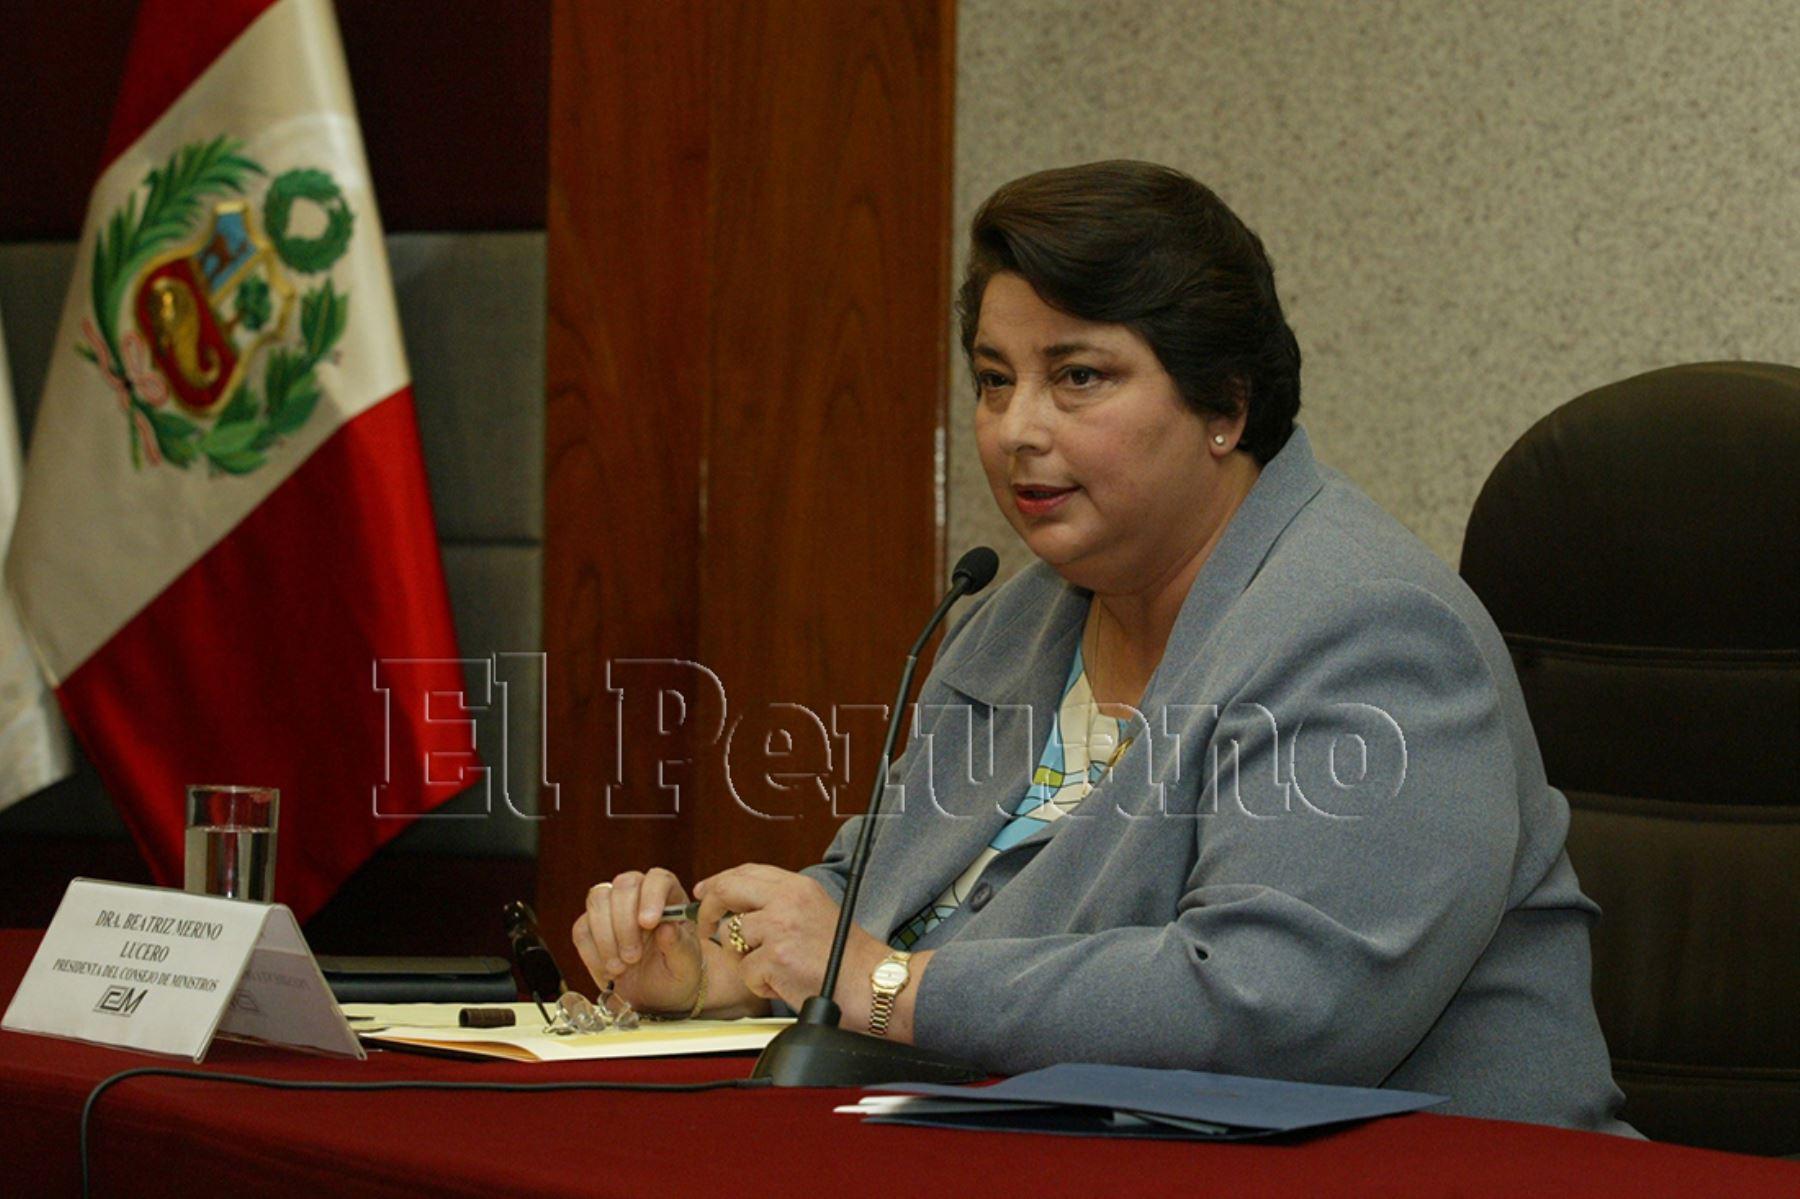 2003. Beatriz Merino Lucero fue designada presidenta del Consejo de Ministros en el gobierno de Alejandro Toledo.